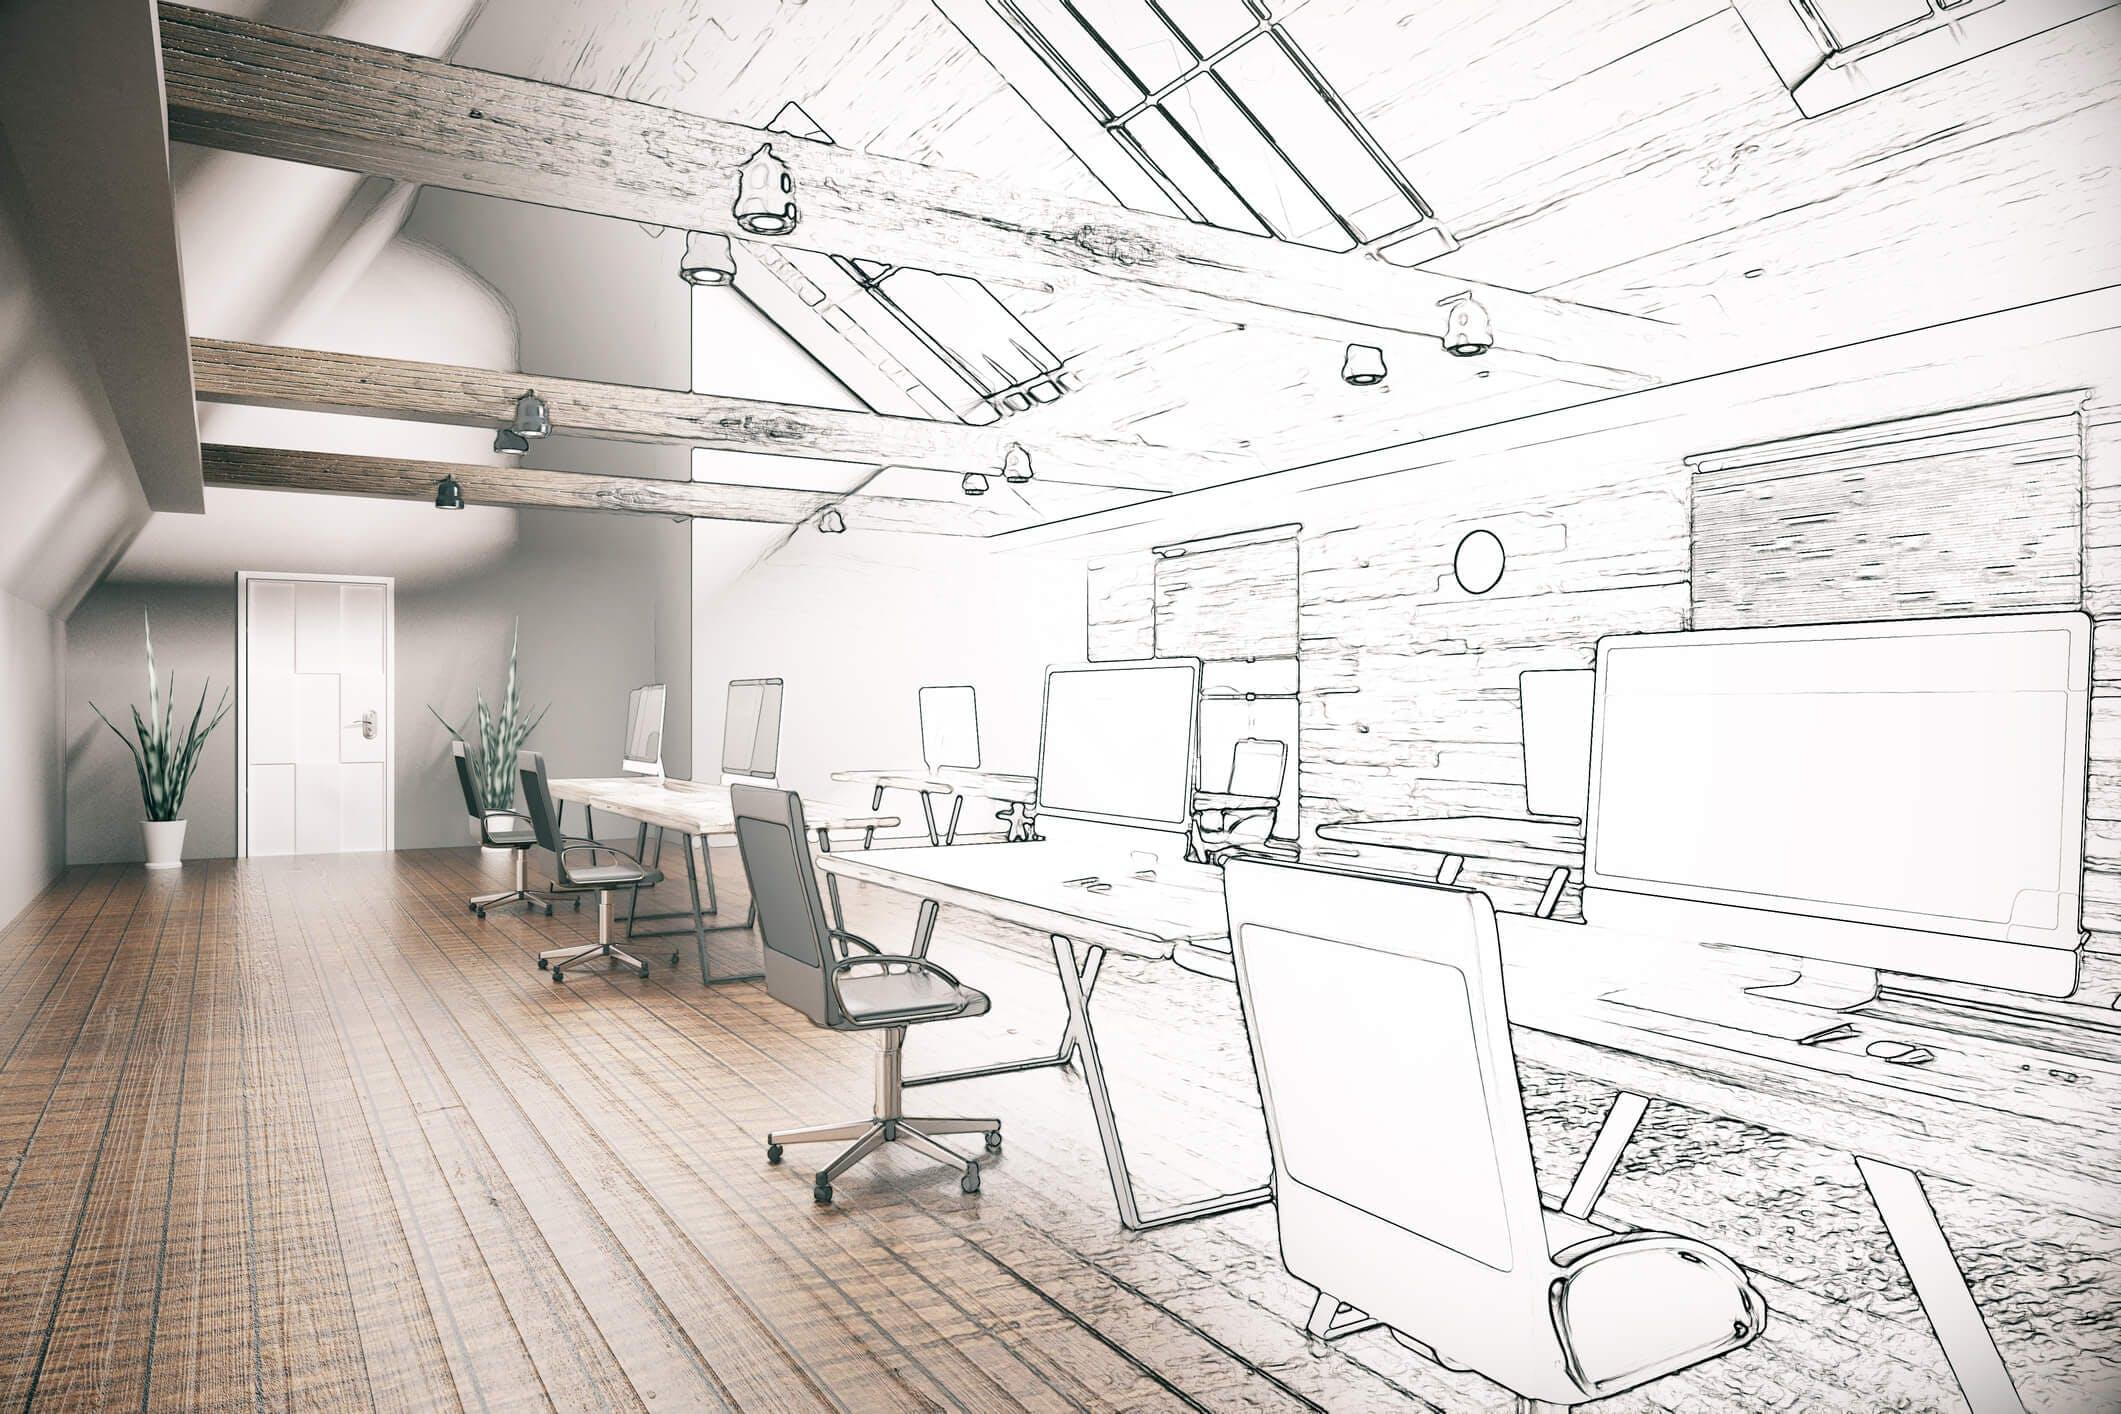 Titelbild-Büro-Skizze-Coworking-Space-Design-Office-iStock-607501972-peshkov